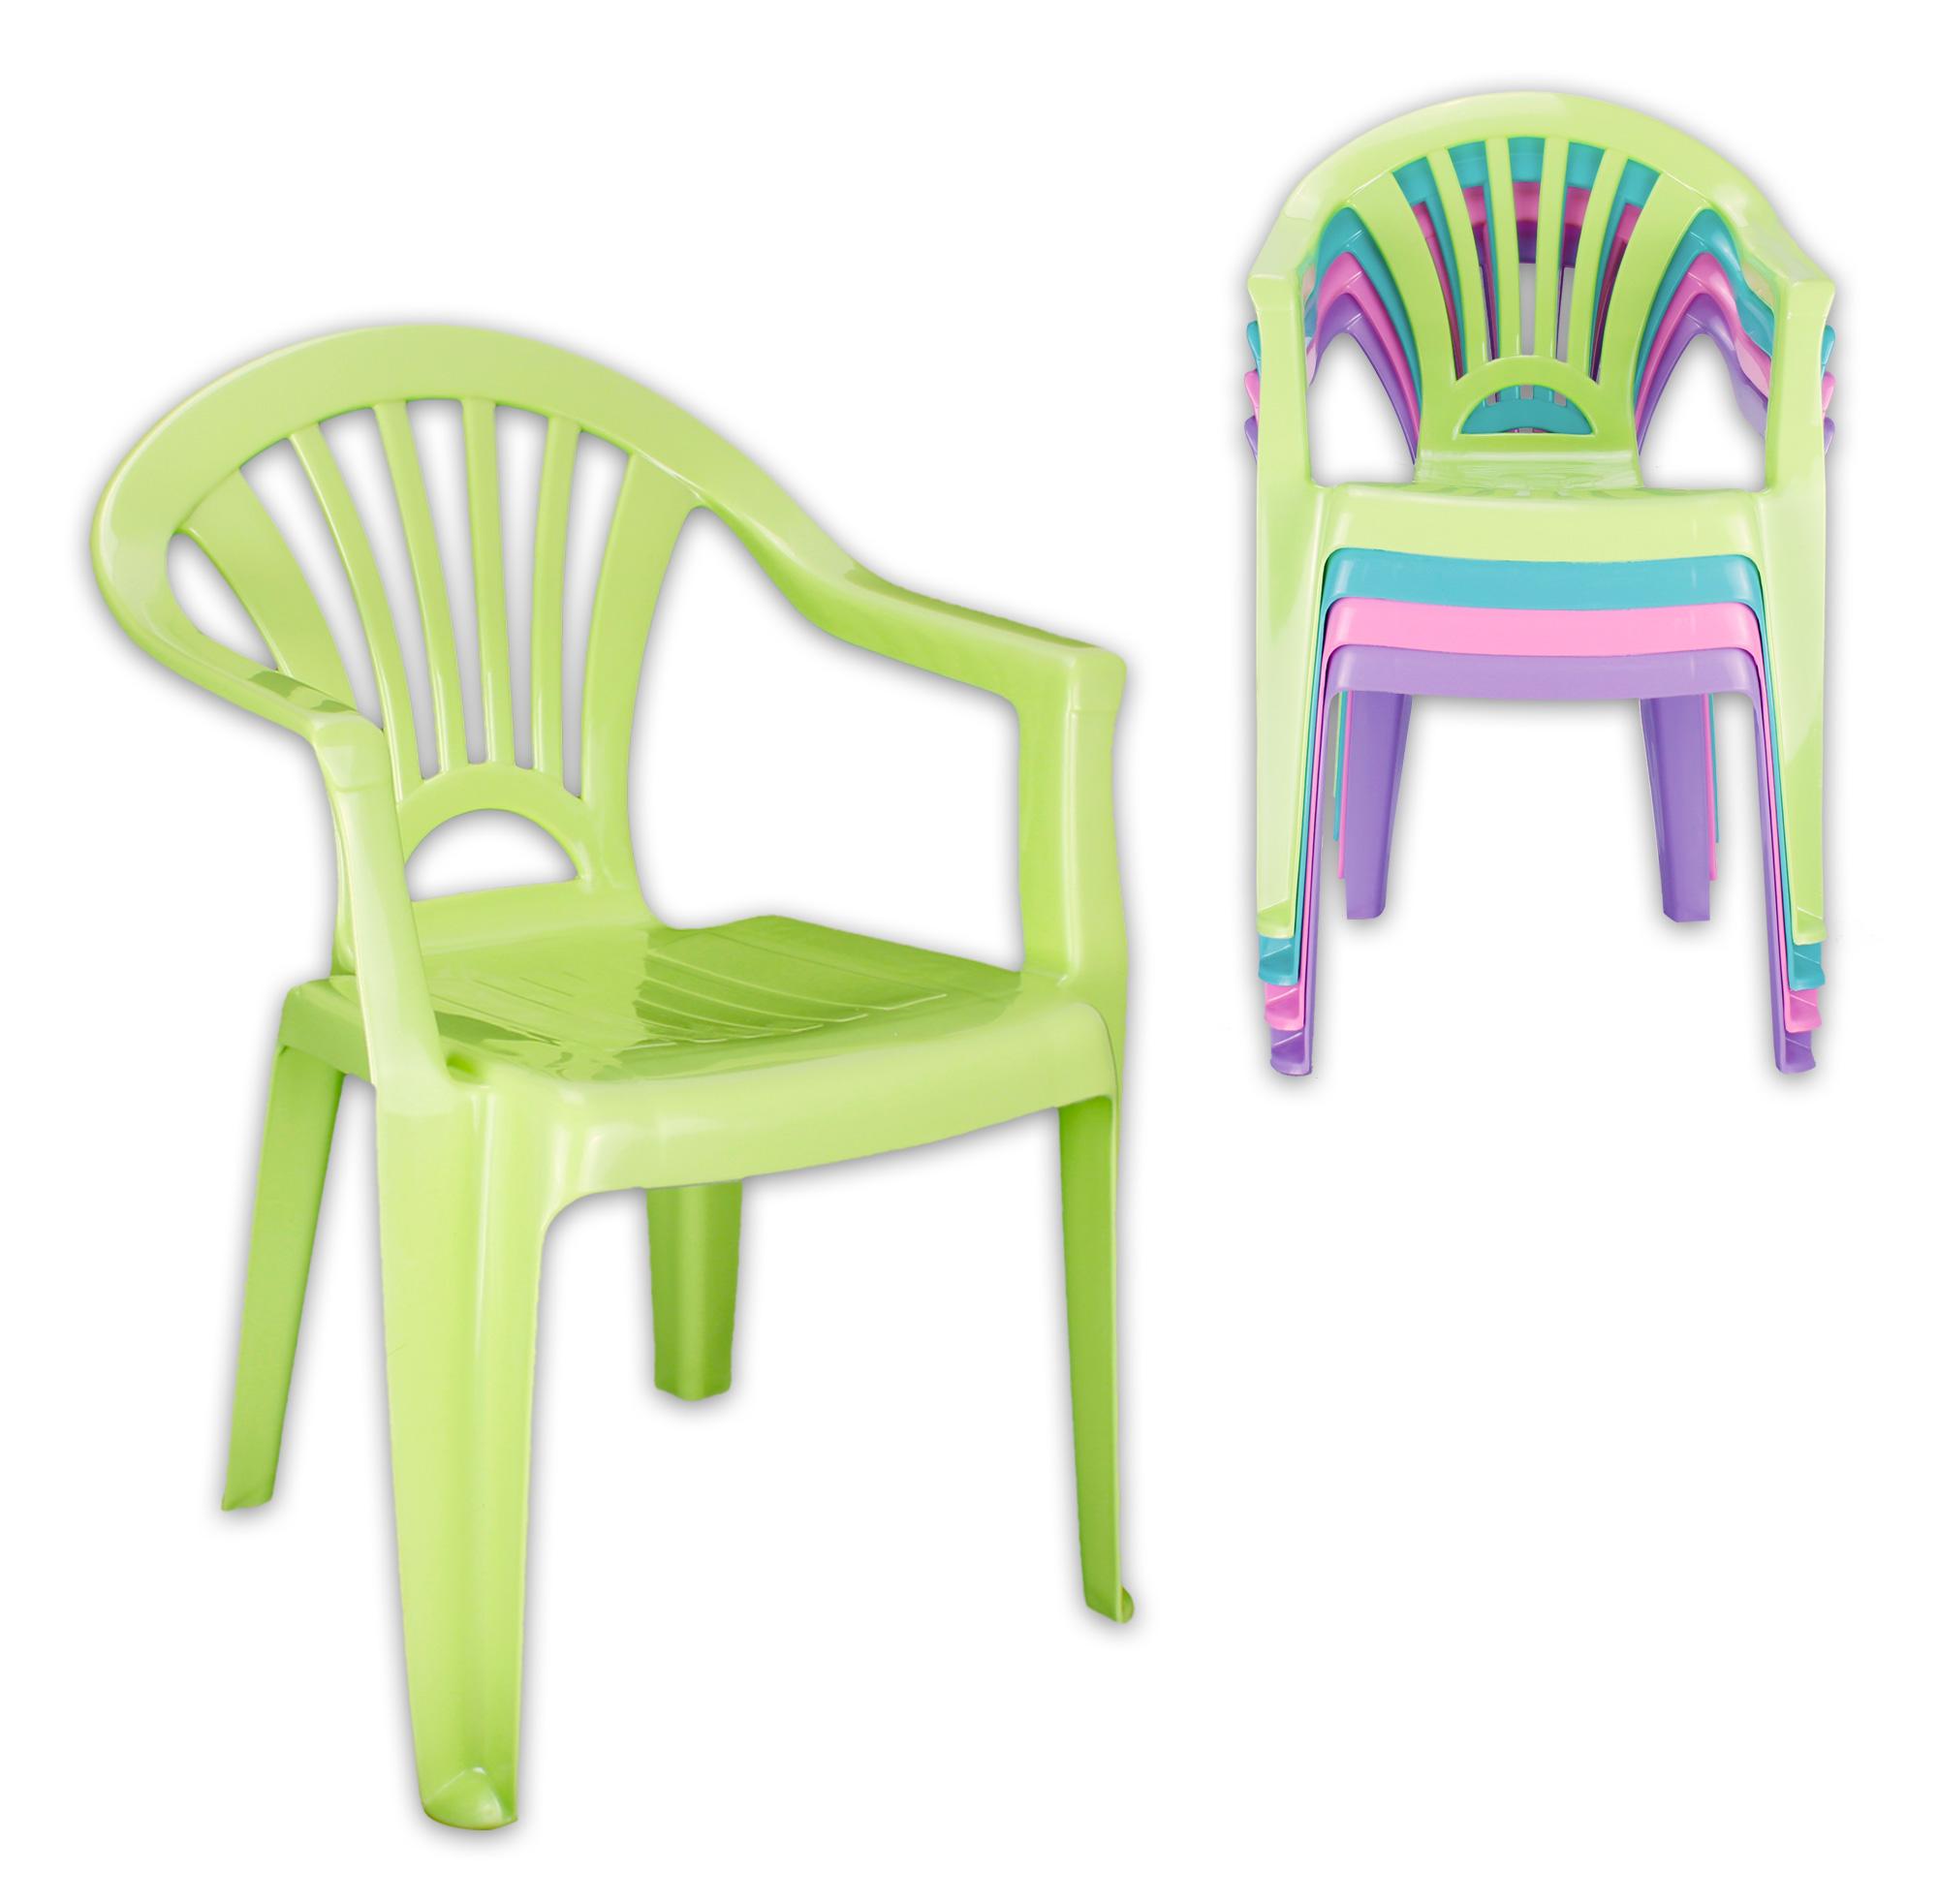 kinderstuhl kinderst hle stuhl plastikstuhl kunststoffstuhl kinderzimmer 4er set ebay. Black Bedroom Furniture Sets. Home Design Ideas